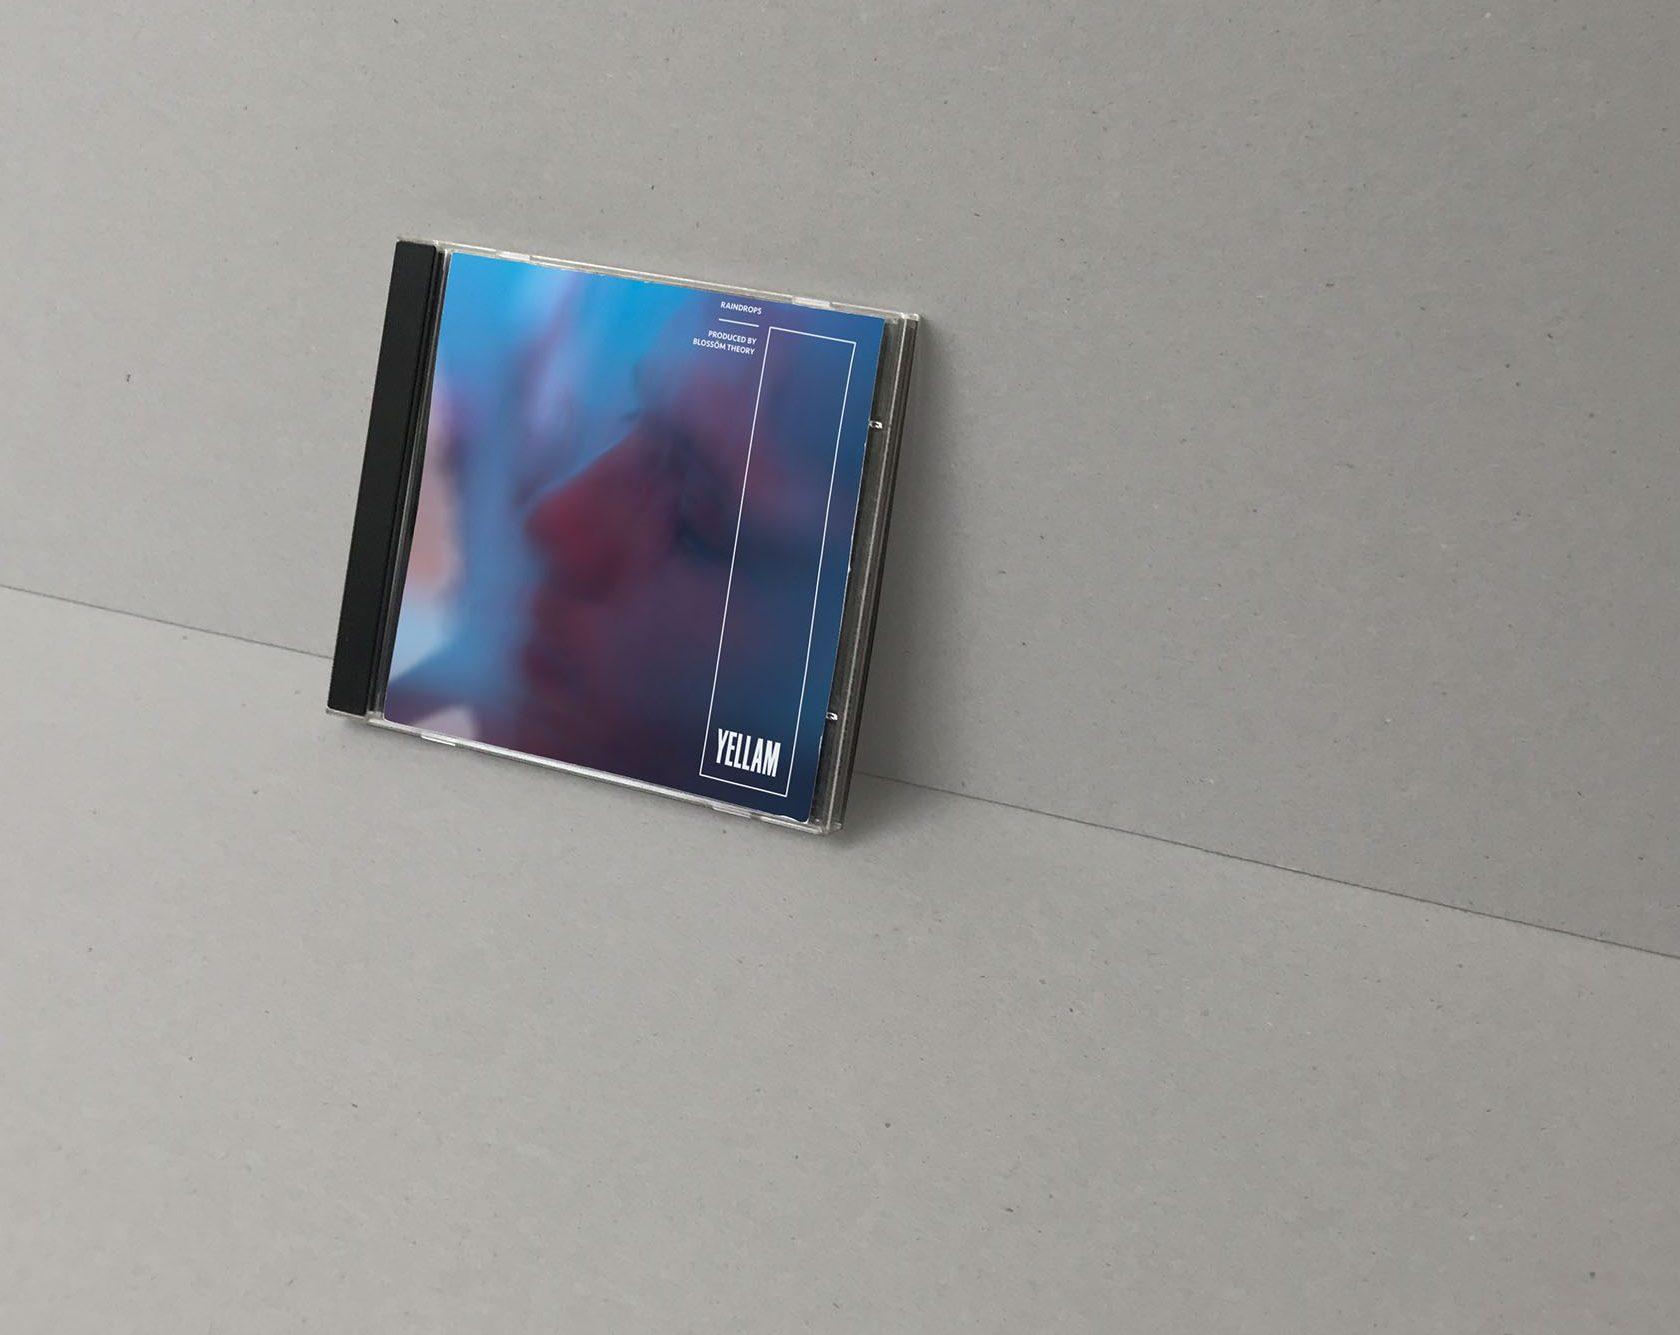 CD of Yellam, by Perimetre creative studio based in Paris